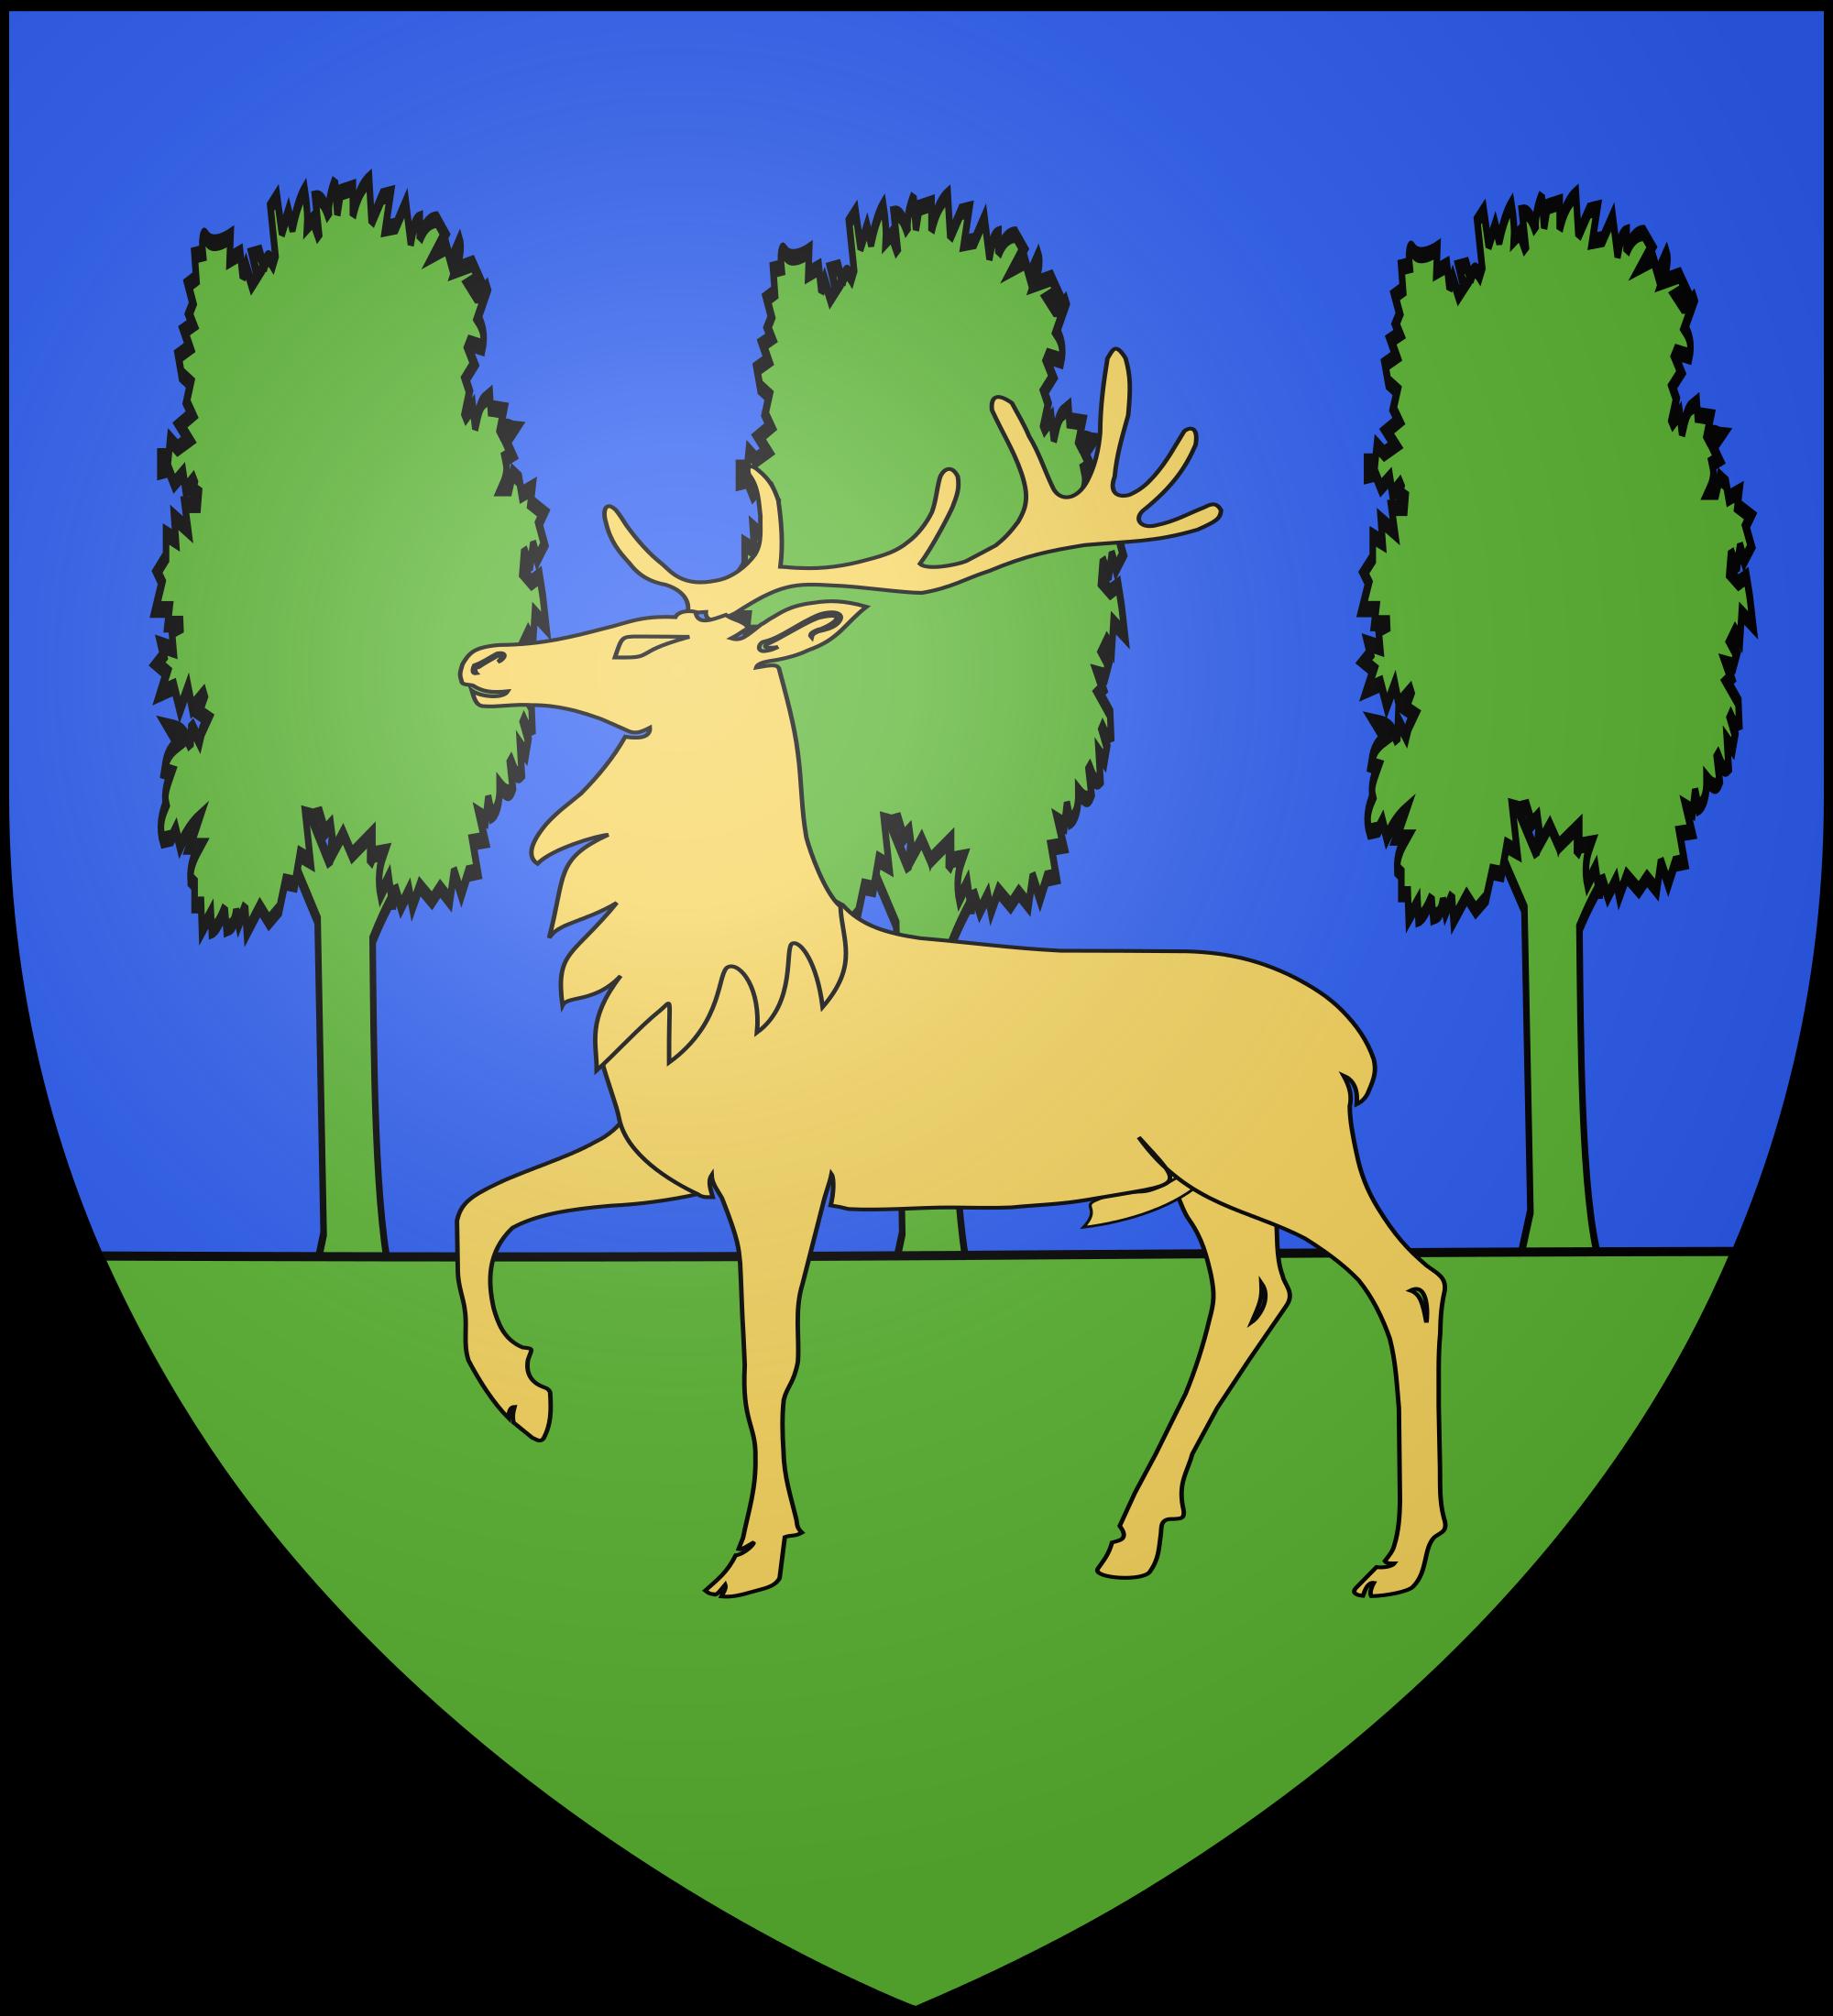 File:COA of Creuse département (Levasseur Atlas).svg.